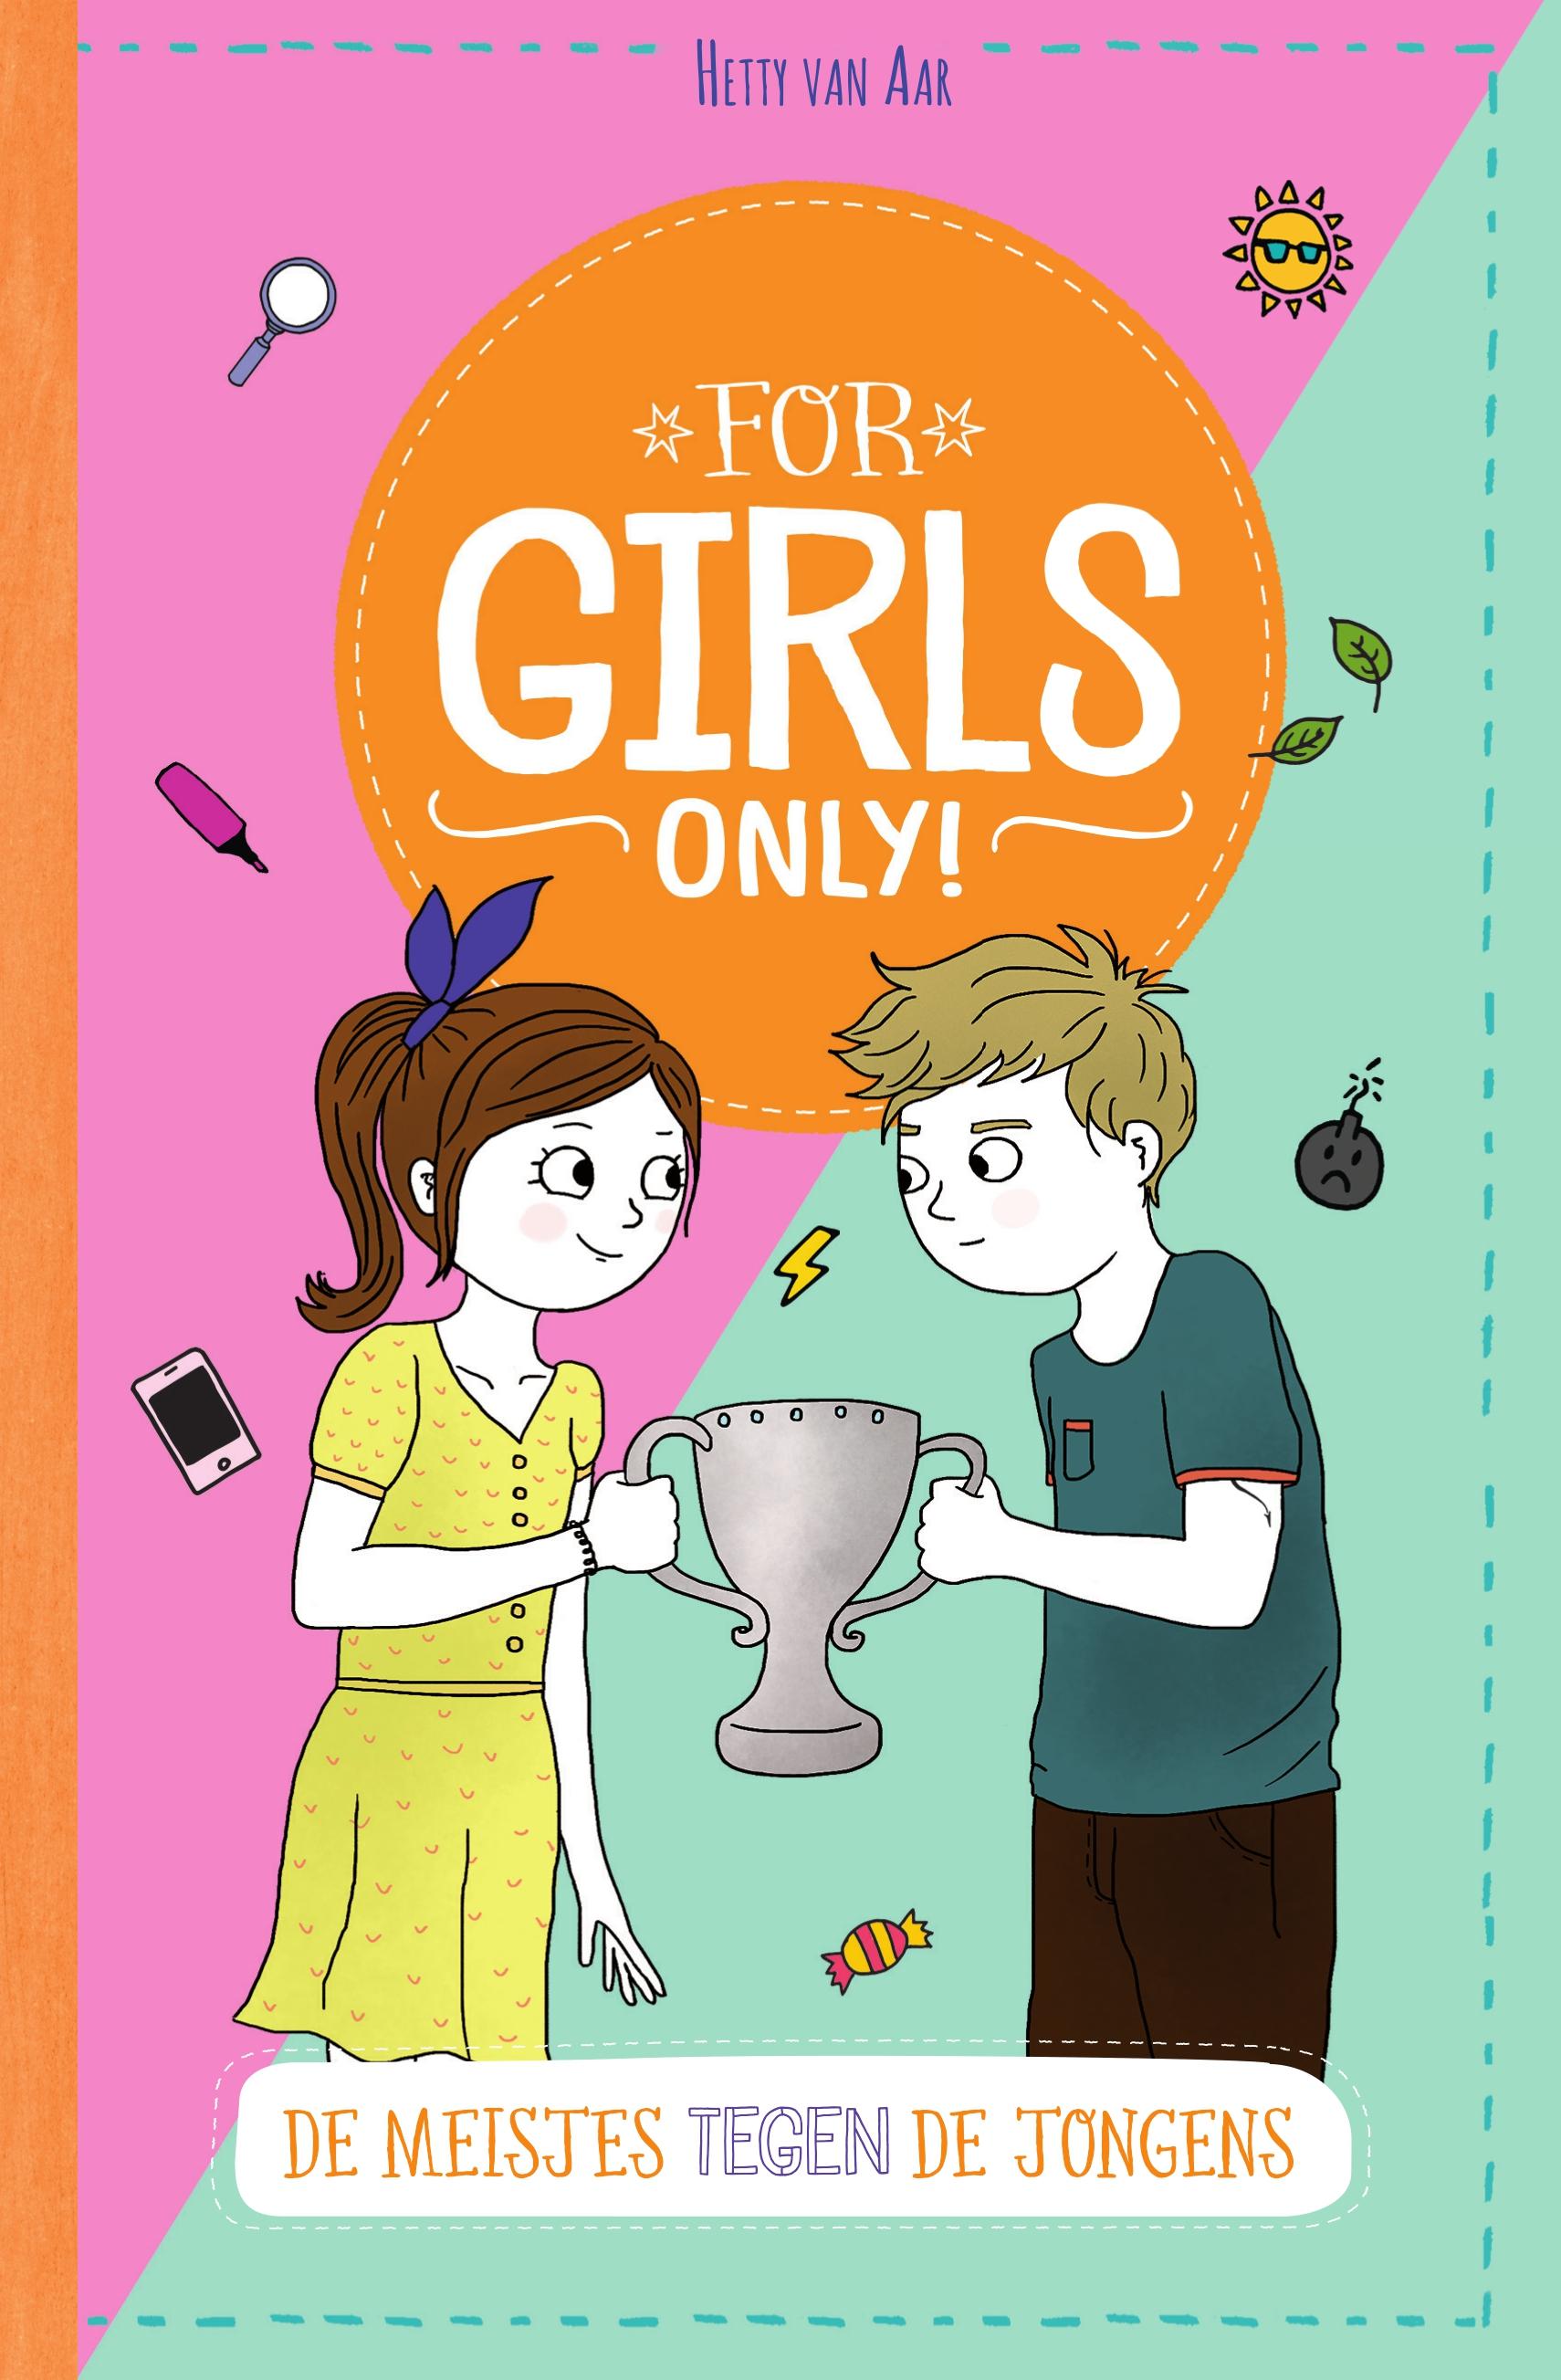 De meisjes tegen de jongens